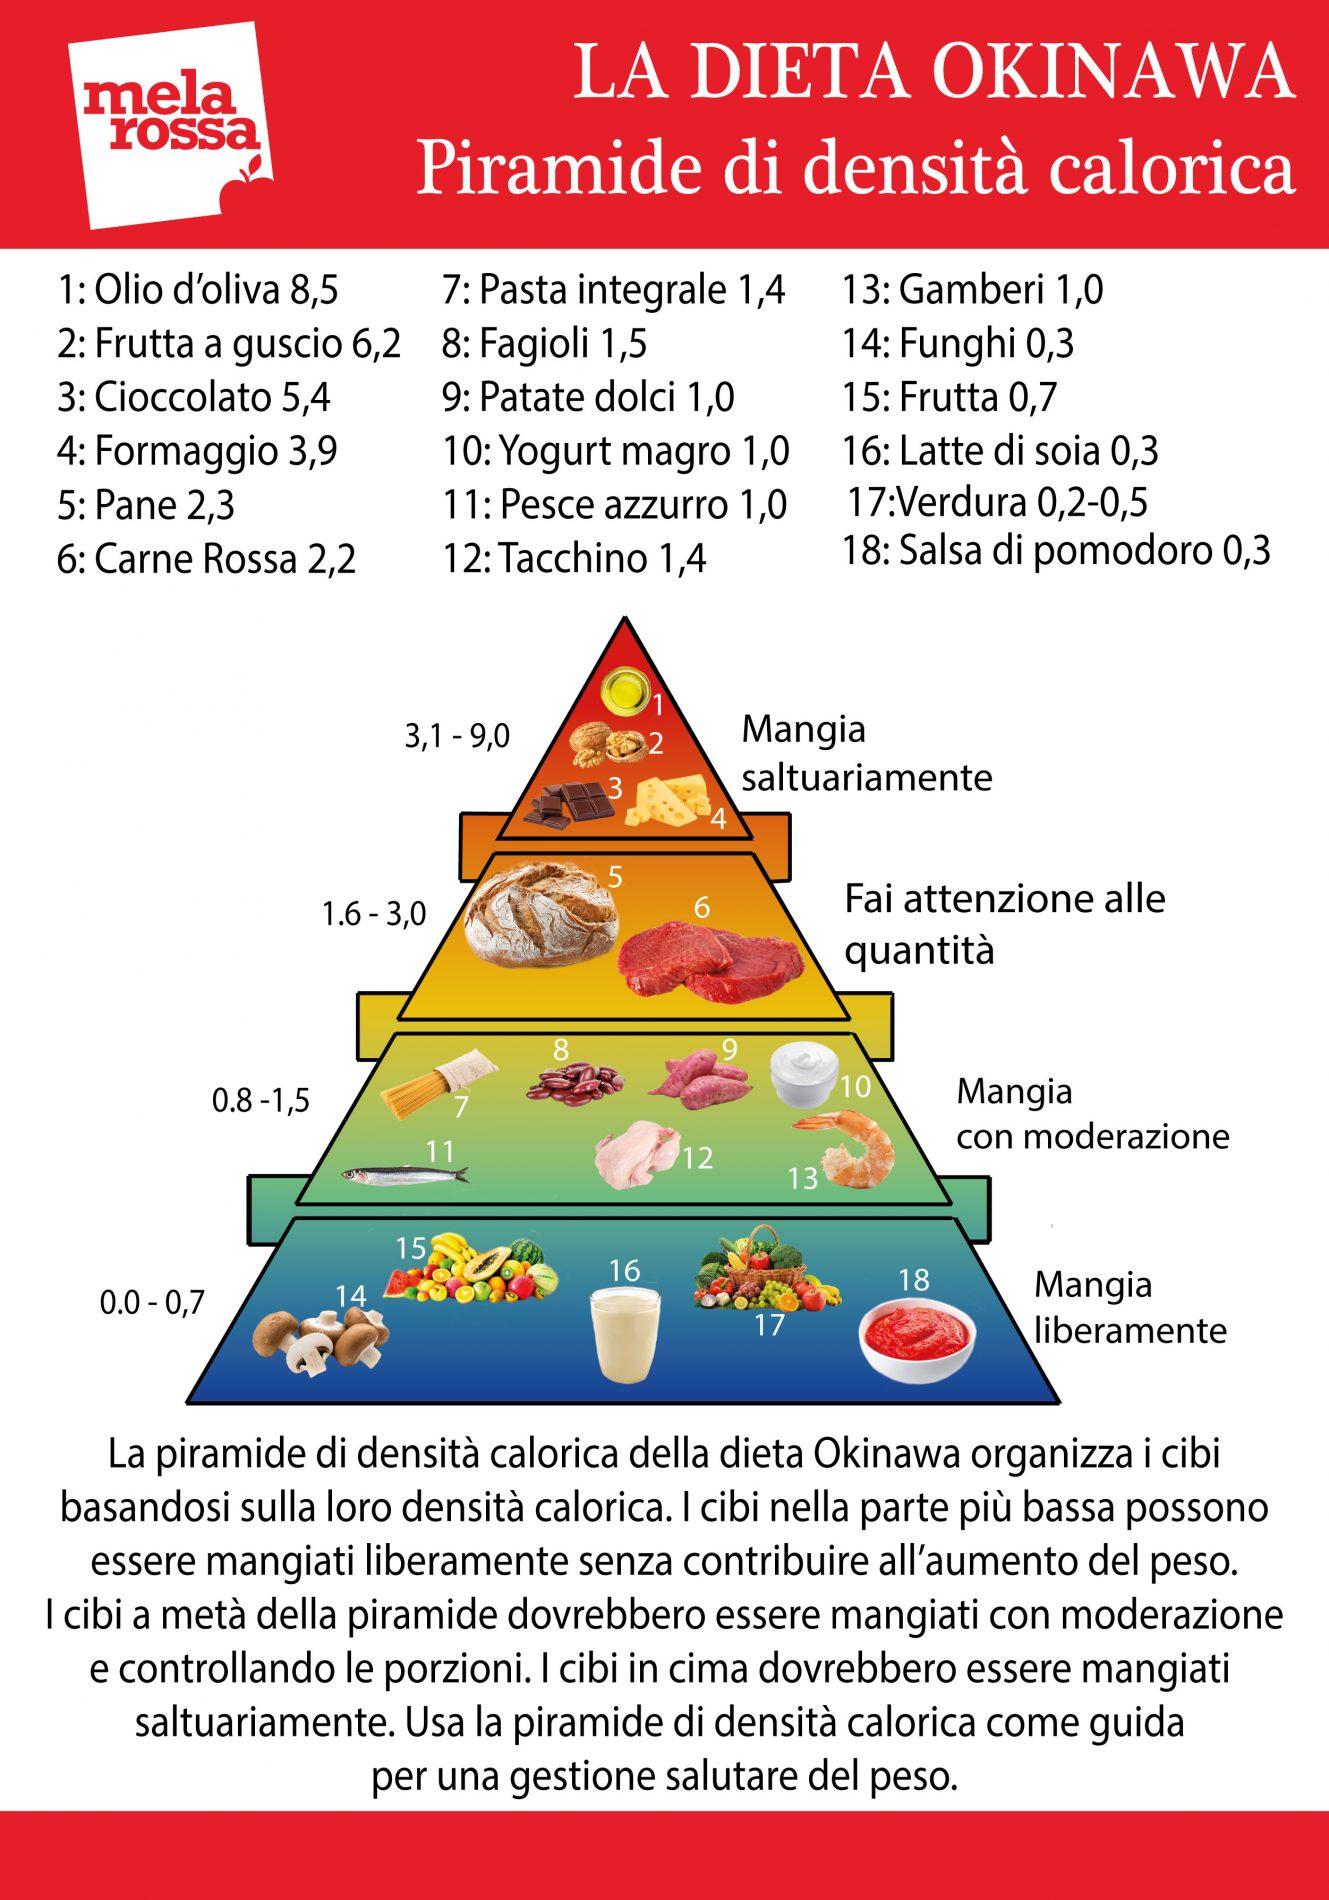 la piramide della dieta okinawa suddivide gli alimenti dai meno ai più calorici